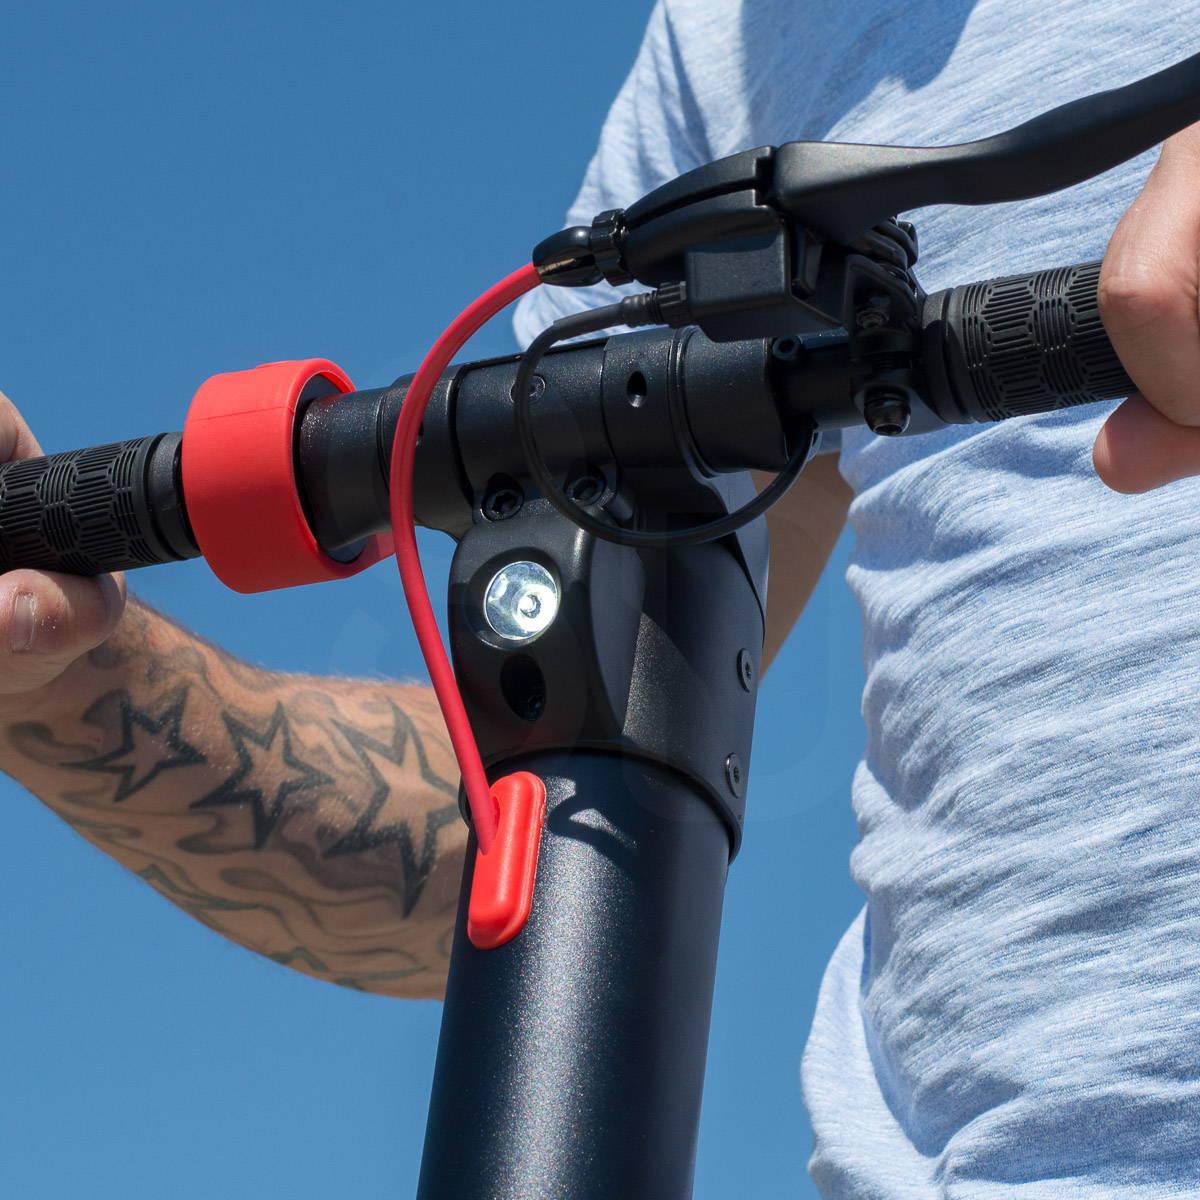 體面的 X7 踏板車大燈關閉